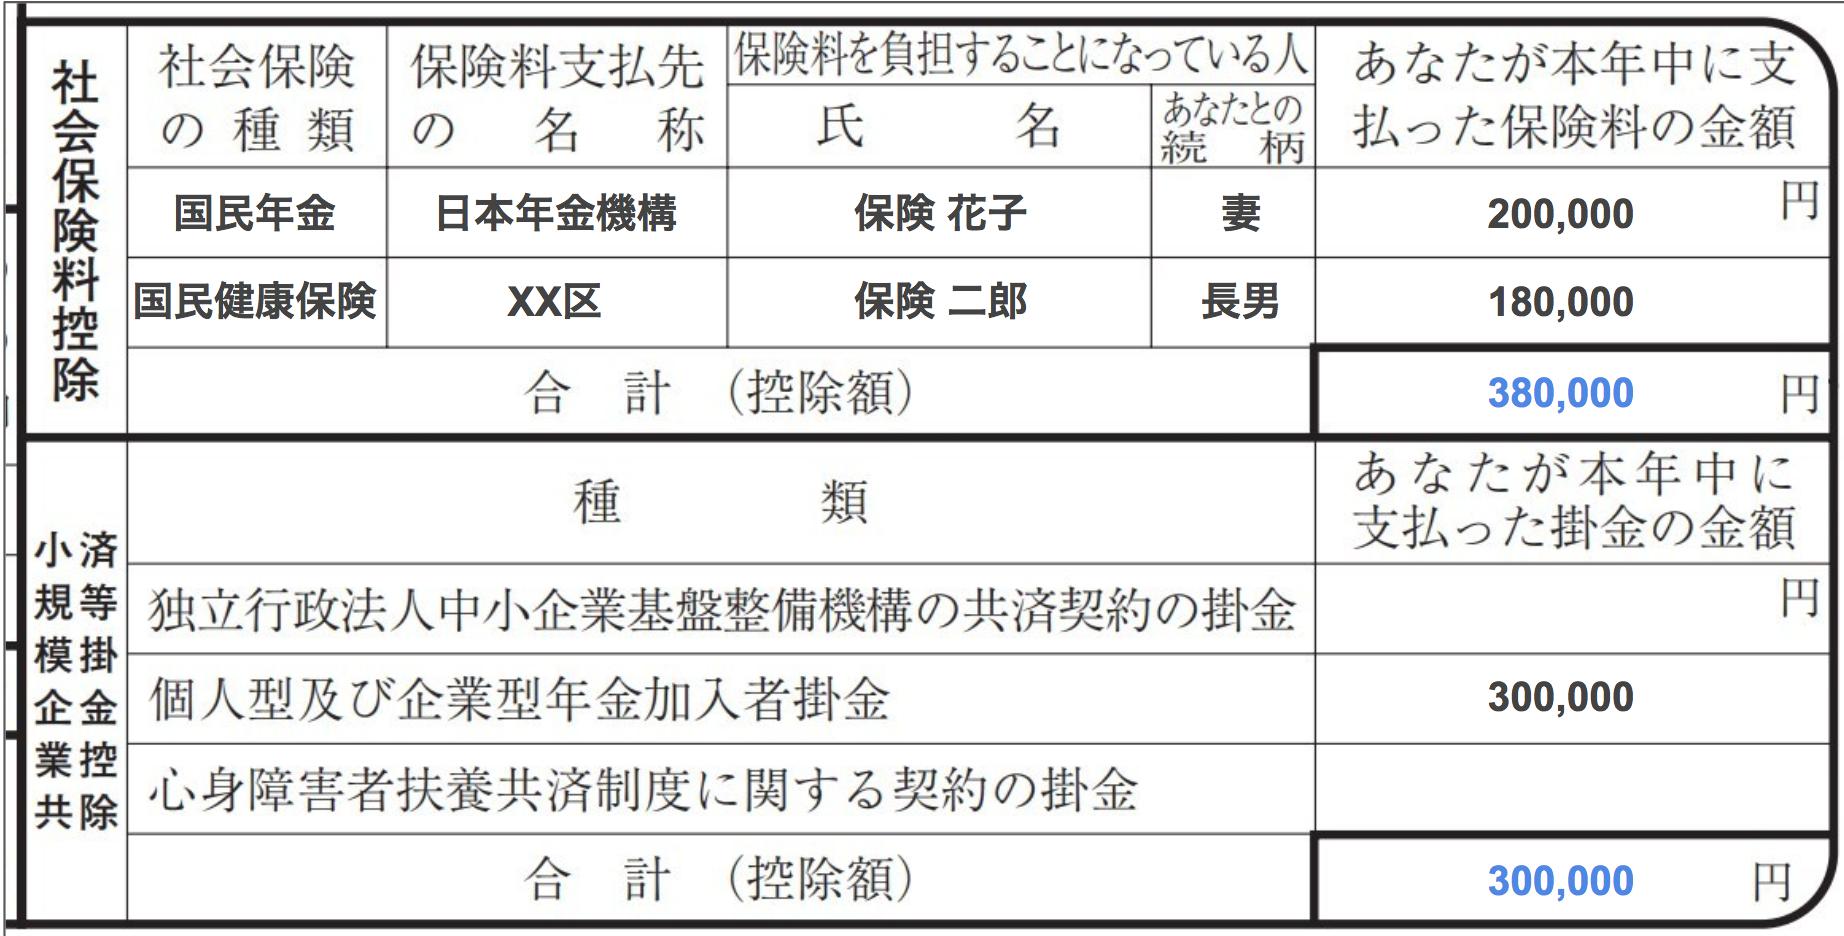 その他の保険料控除の記入例【保険料控除の書き方】